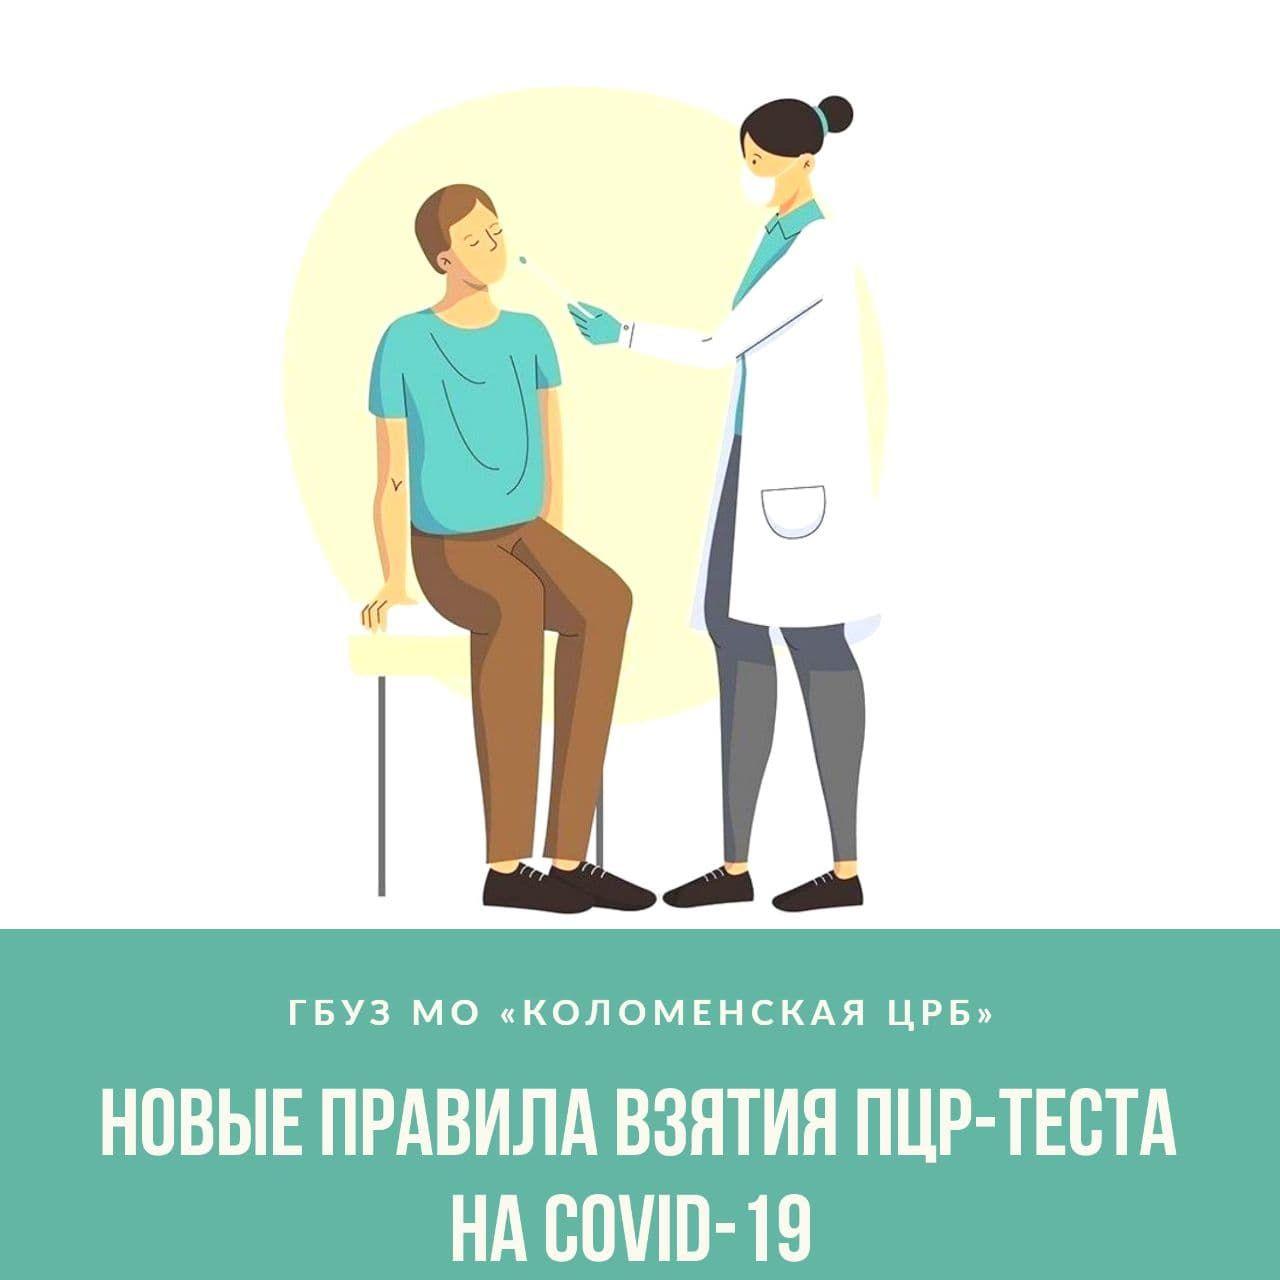 Коломенская ЦРБ рассказала о новых правилах ПЦР-теста на COVID-19